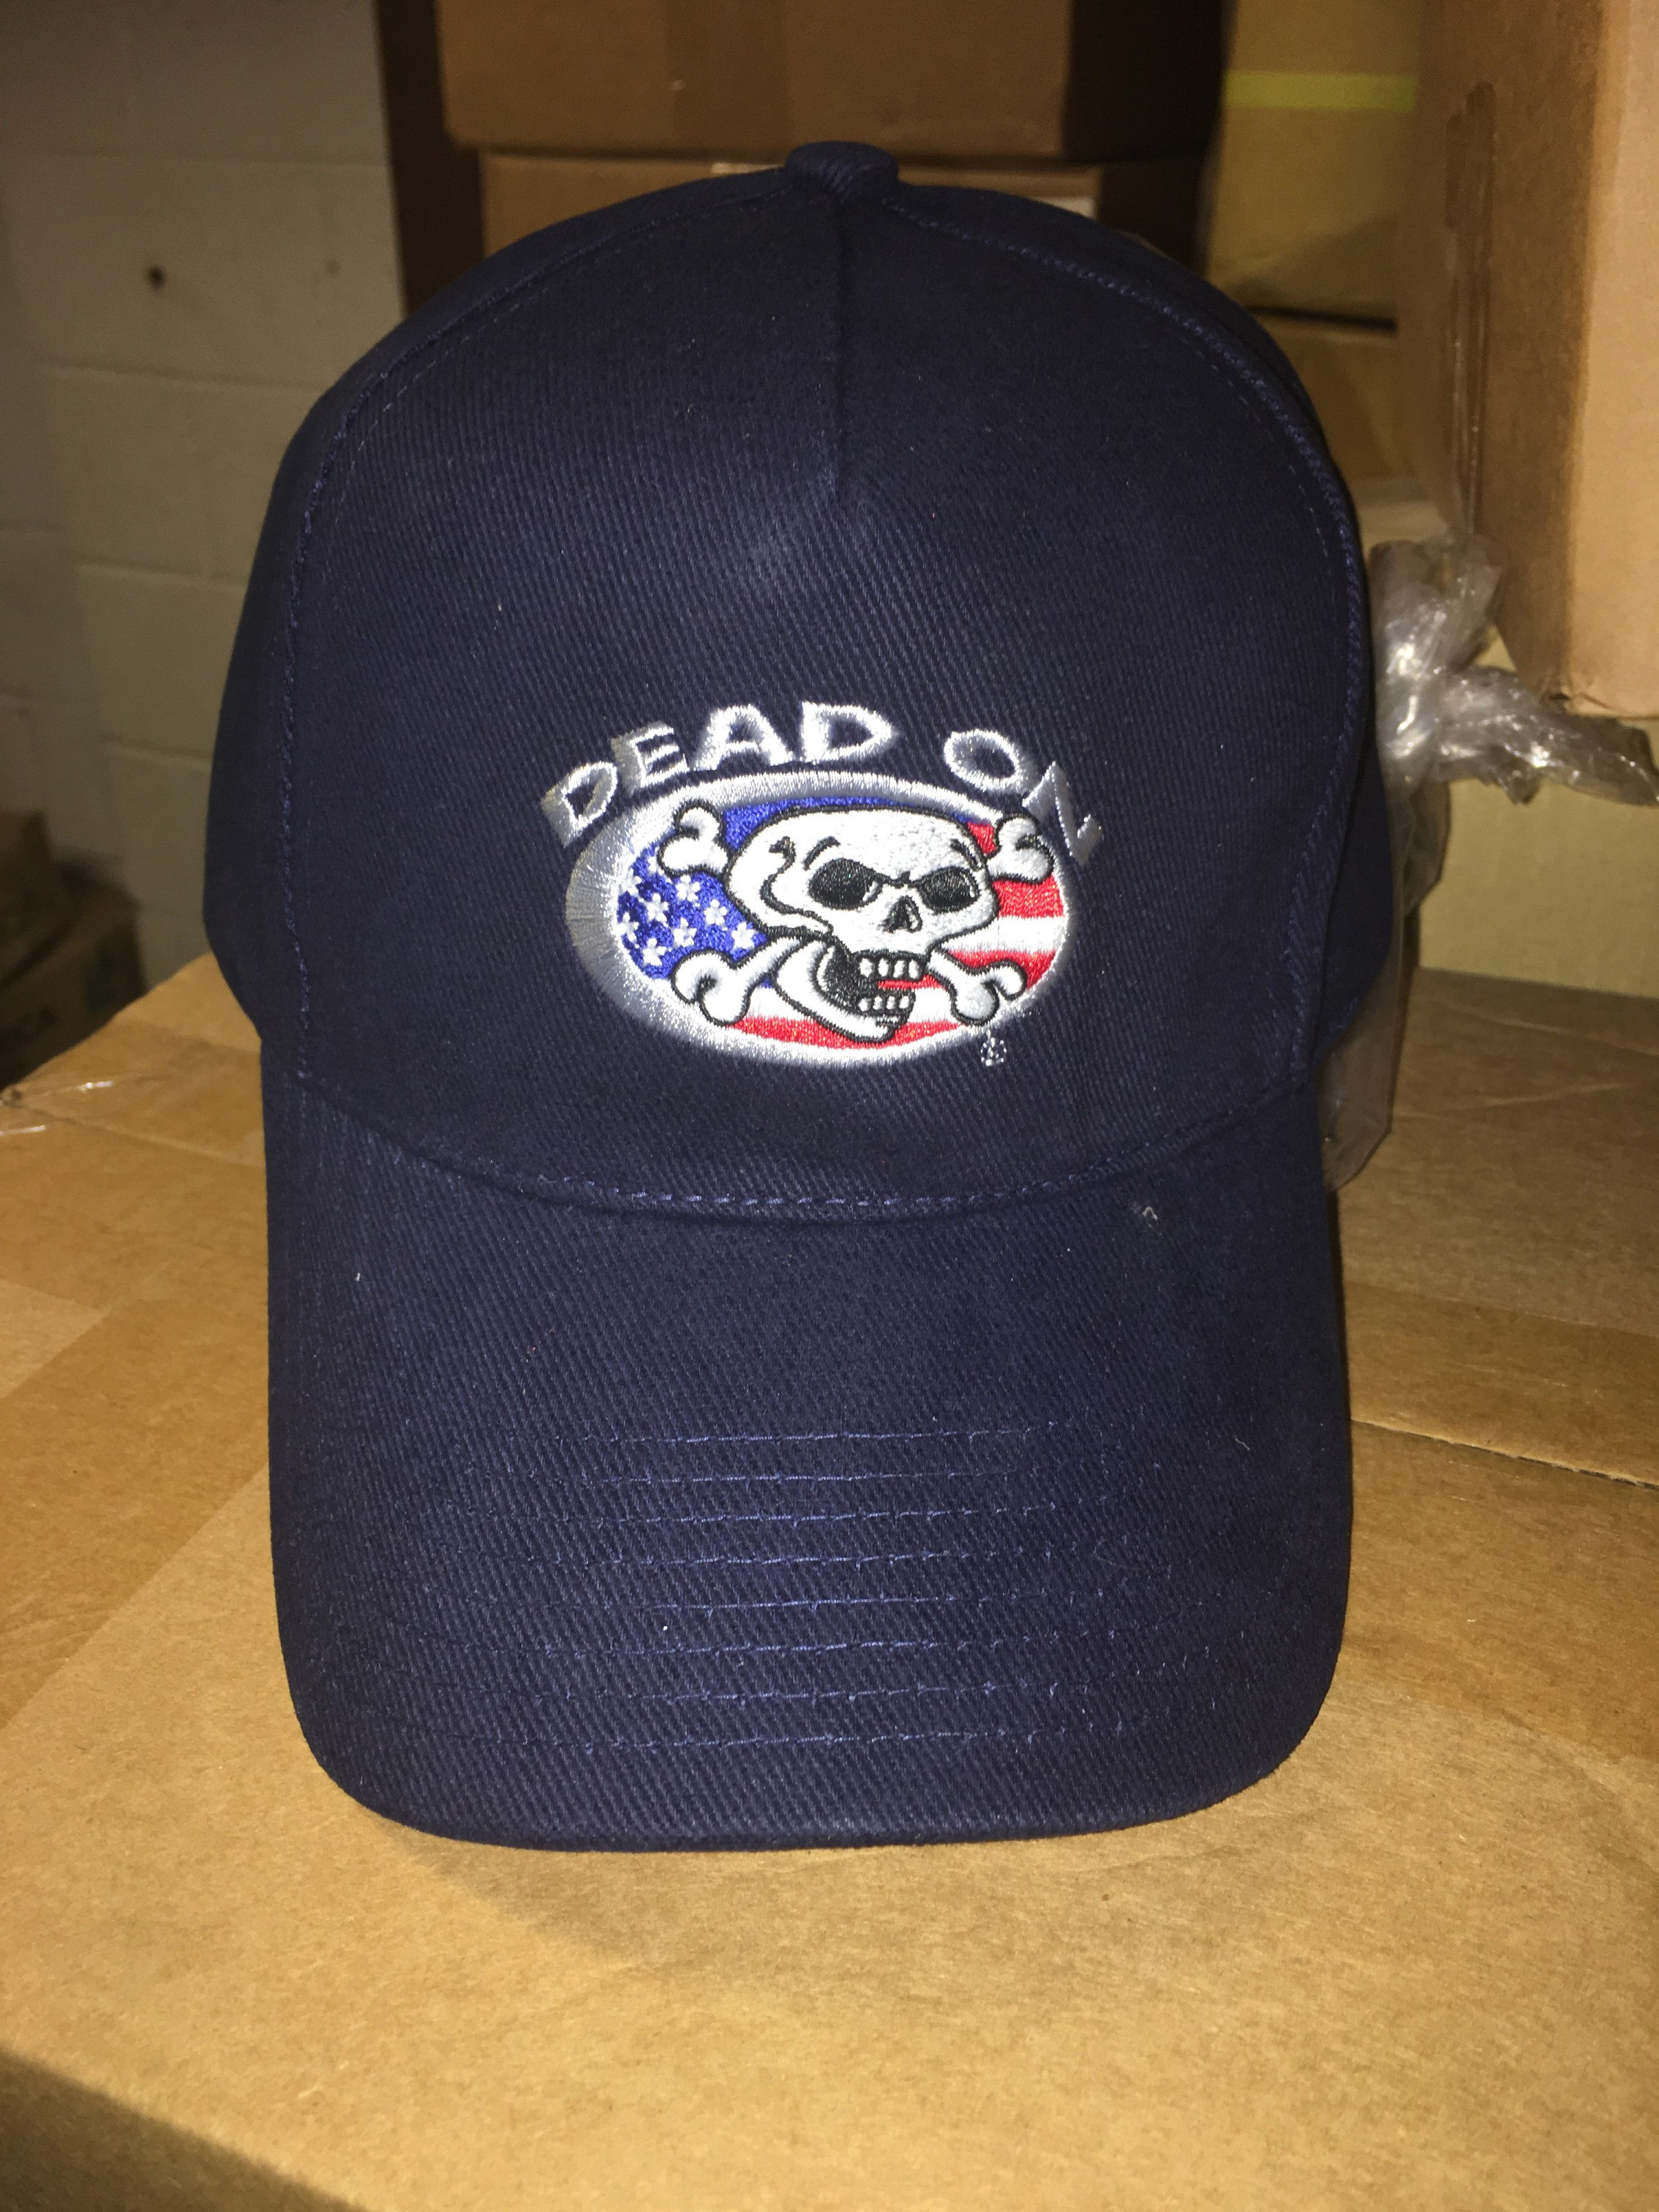 Blue Dead On Hats